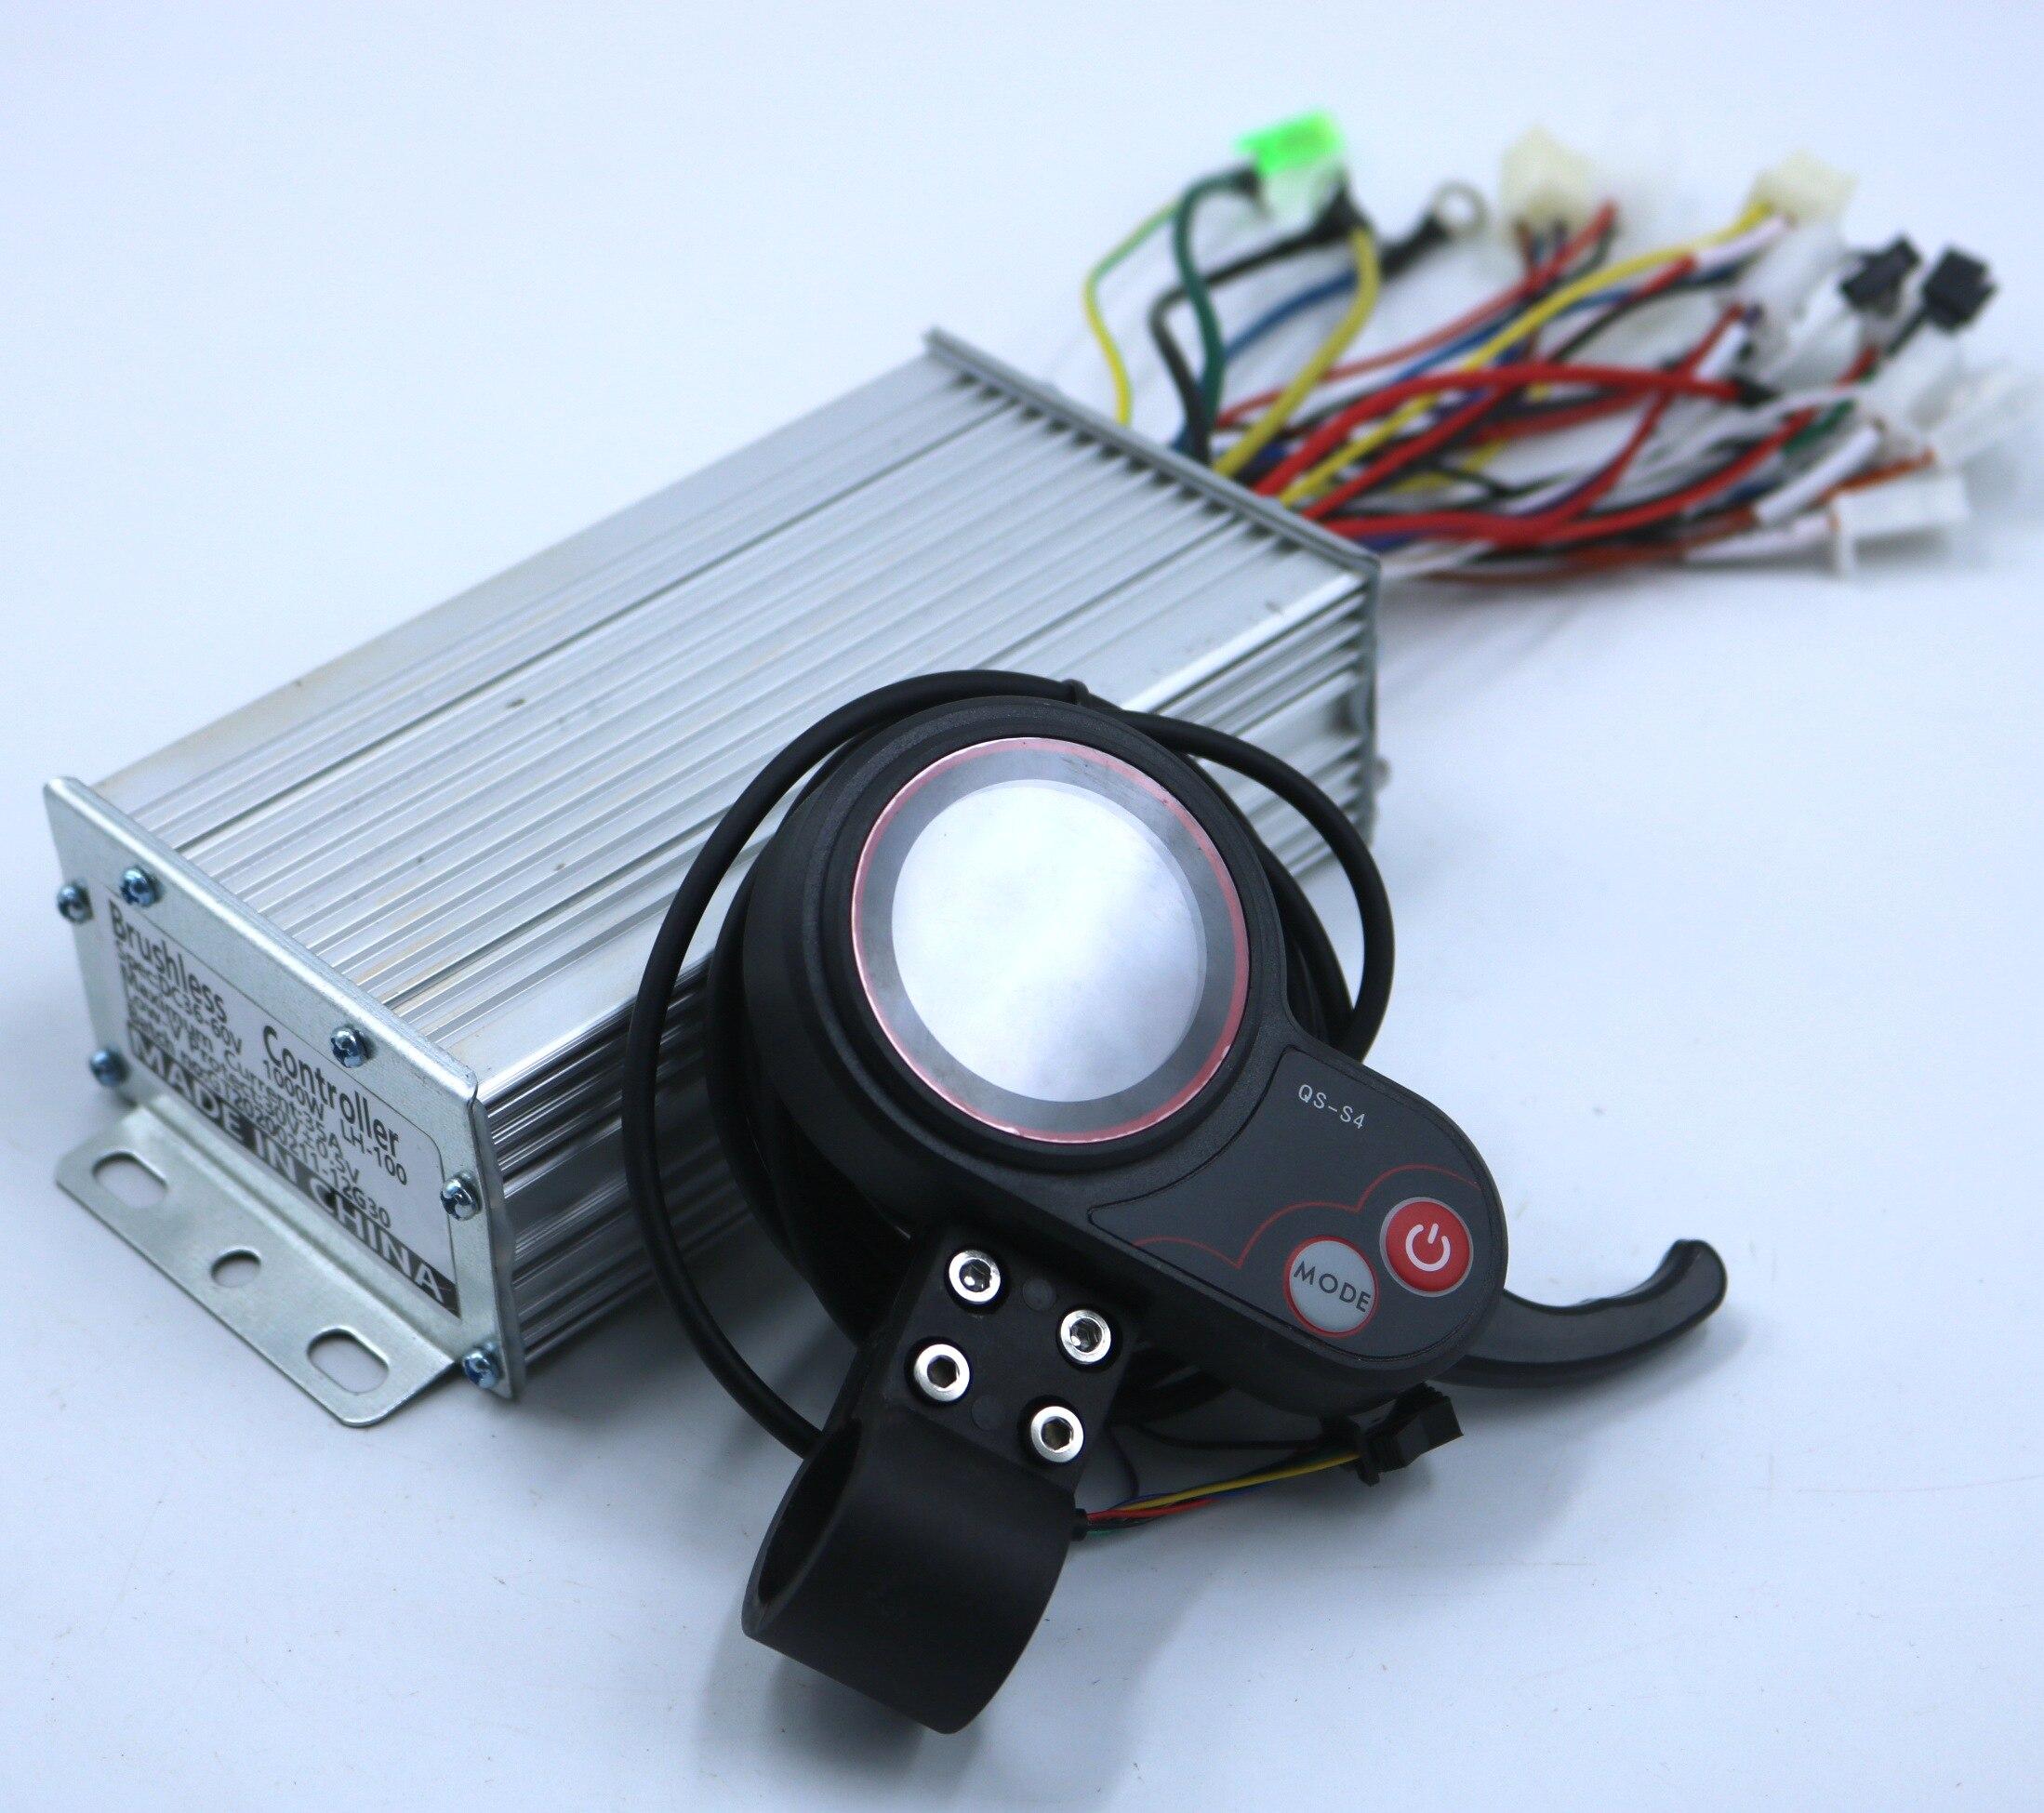 GREENTIME 36 V/48 V/60 V 800/1000W BLDC 전기 스쿠터 컨트롤러 전자 자전거 브러시리스 속도 드라이버 및 QS-S4 LCD 디스플레이 한 세트